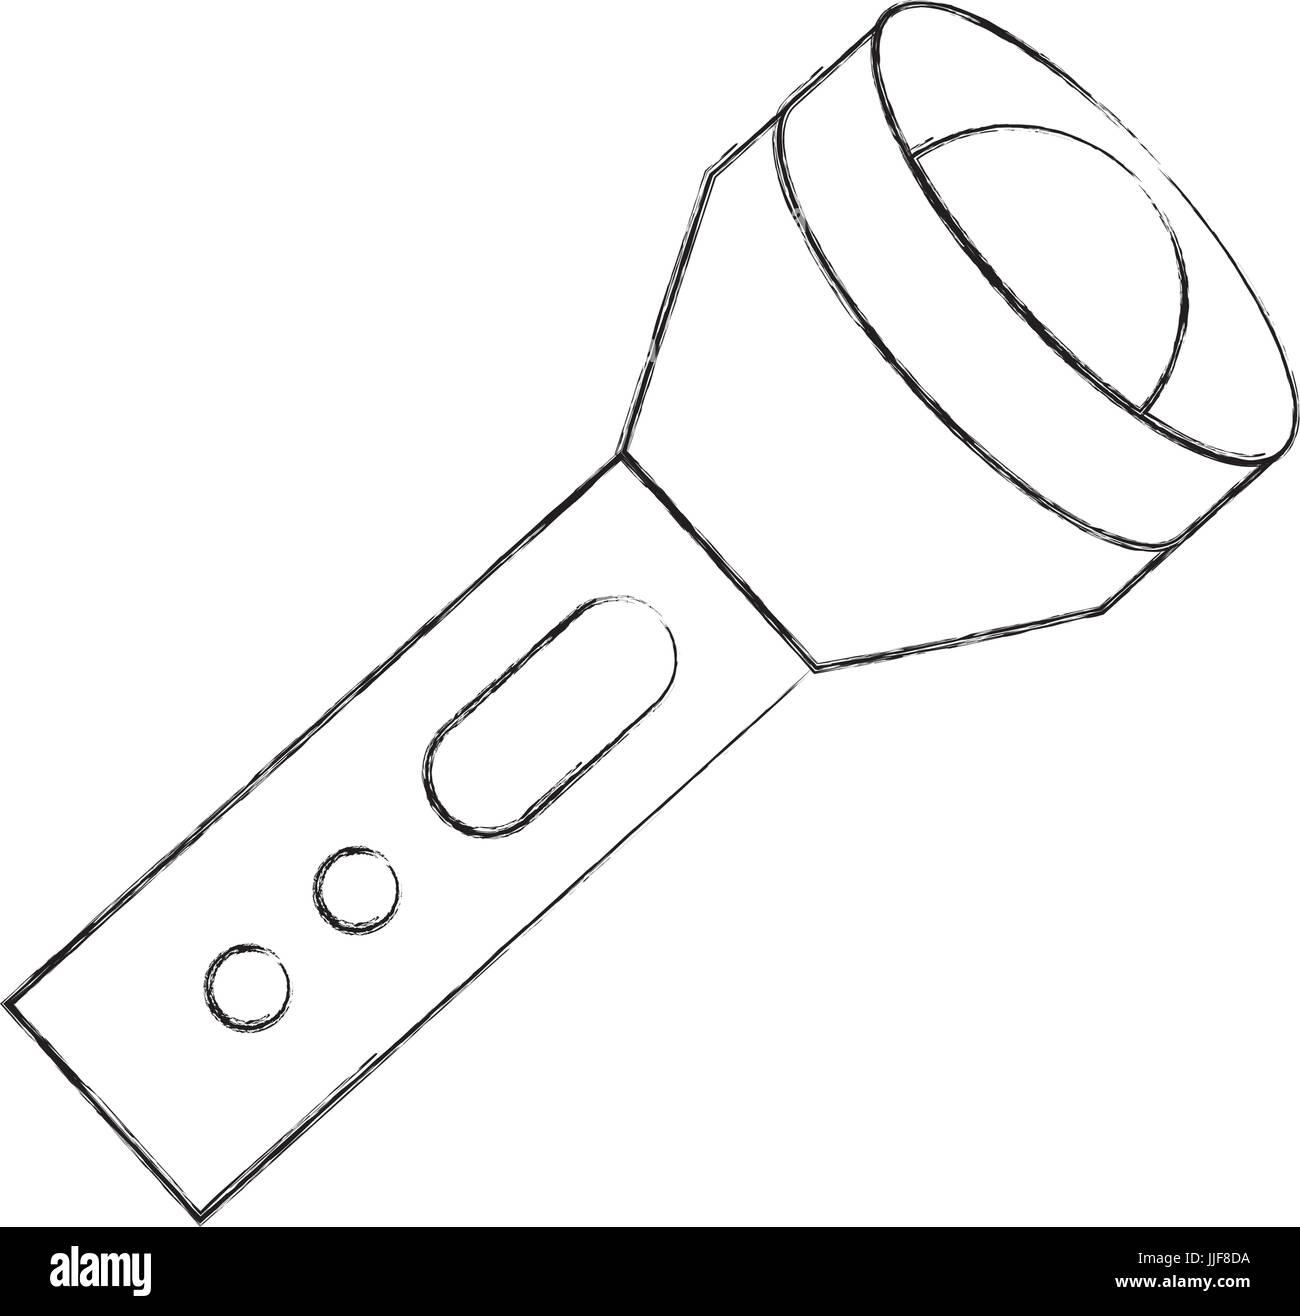 flash lantern isolated icon - Stock Image